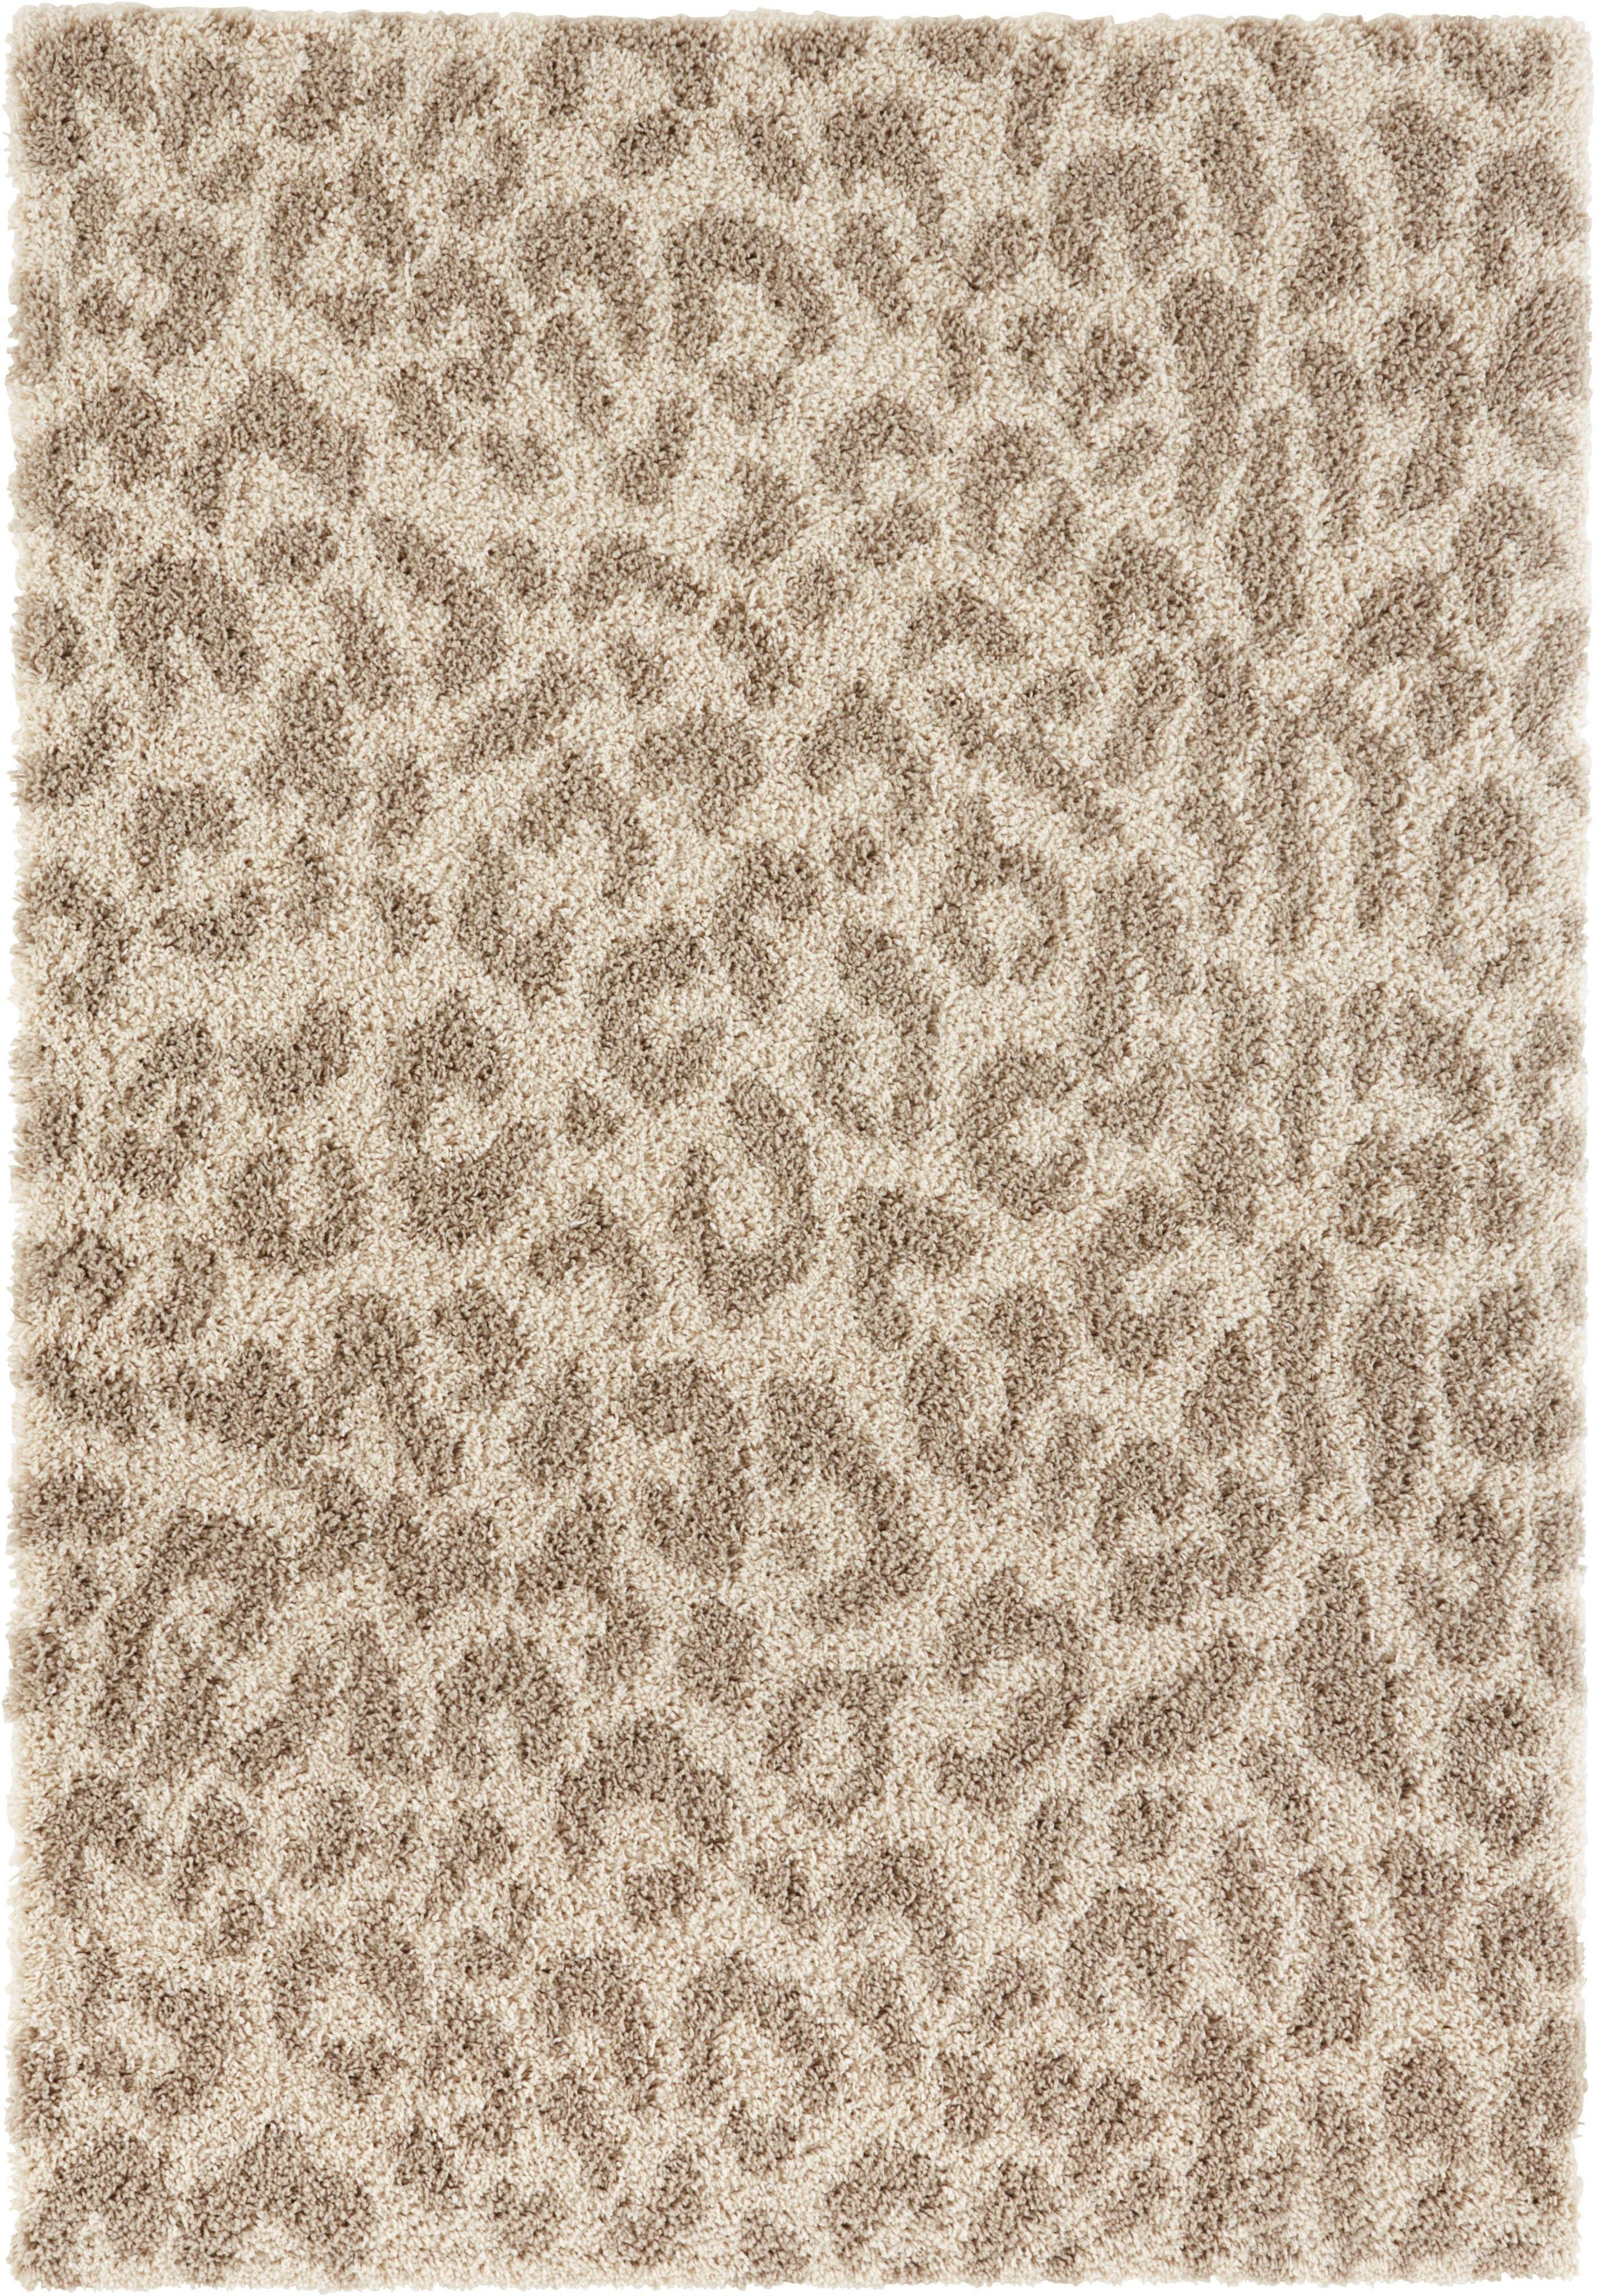 my home hoogpolig vloerkleed Gemma zachte pool, luipaard, woonkamer - verschillende betaalmethodes